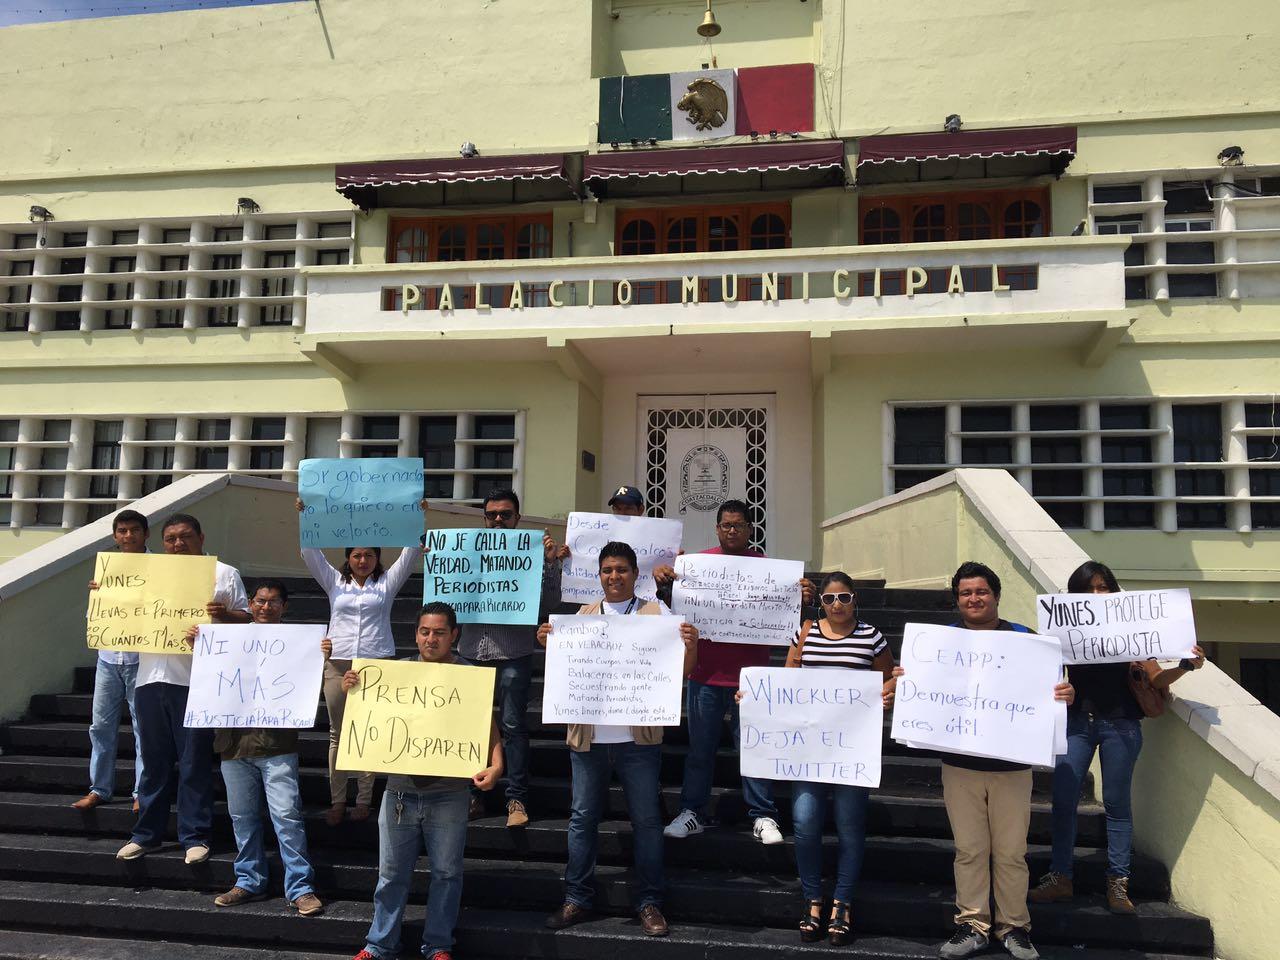 Periodistas de Coatzacoalcos condenan actos de violencia contra comunicadores veracruzanos